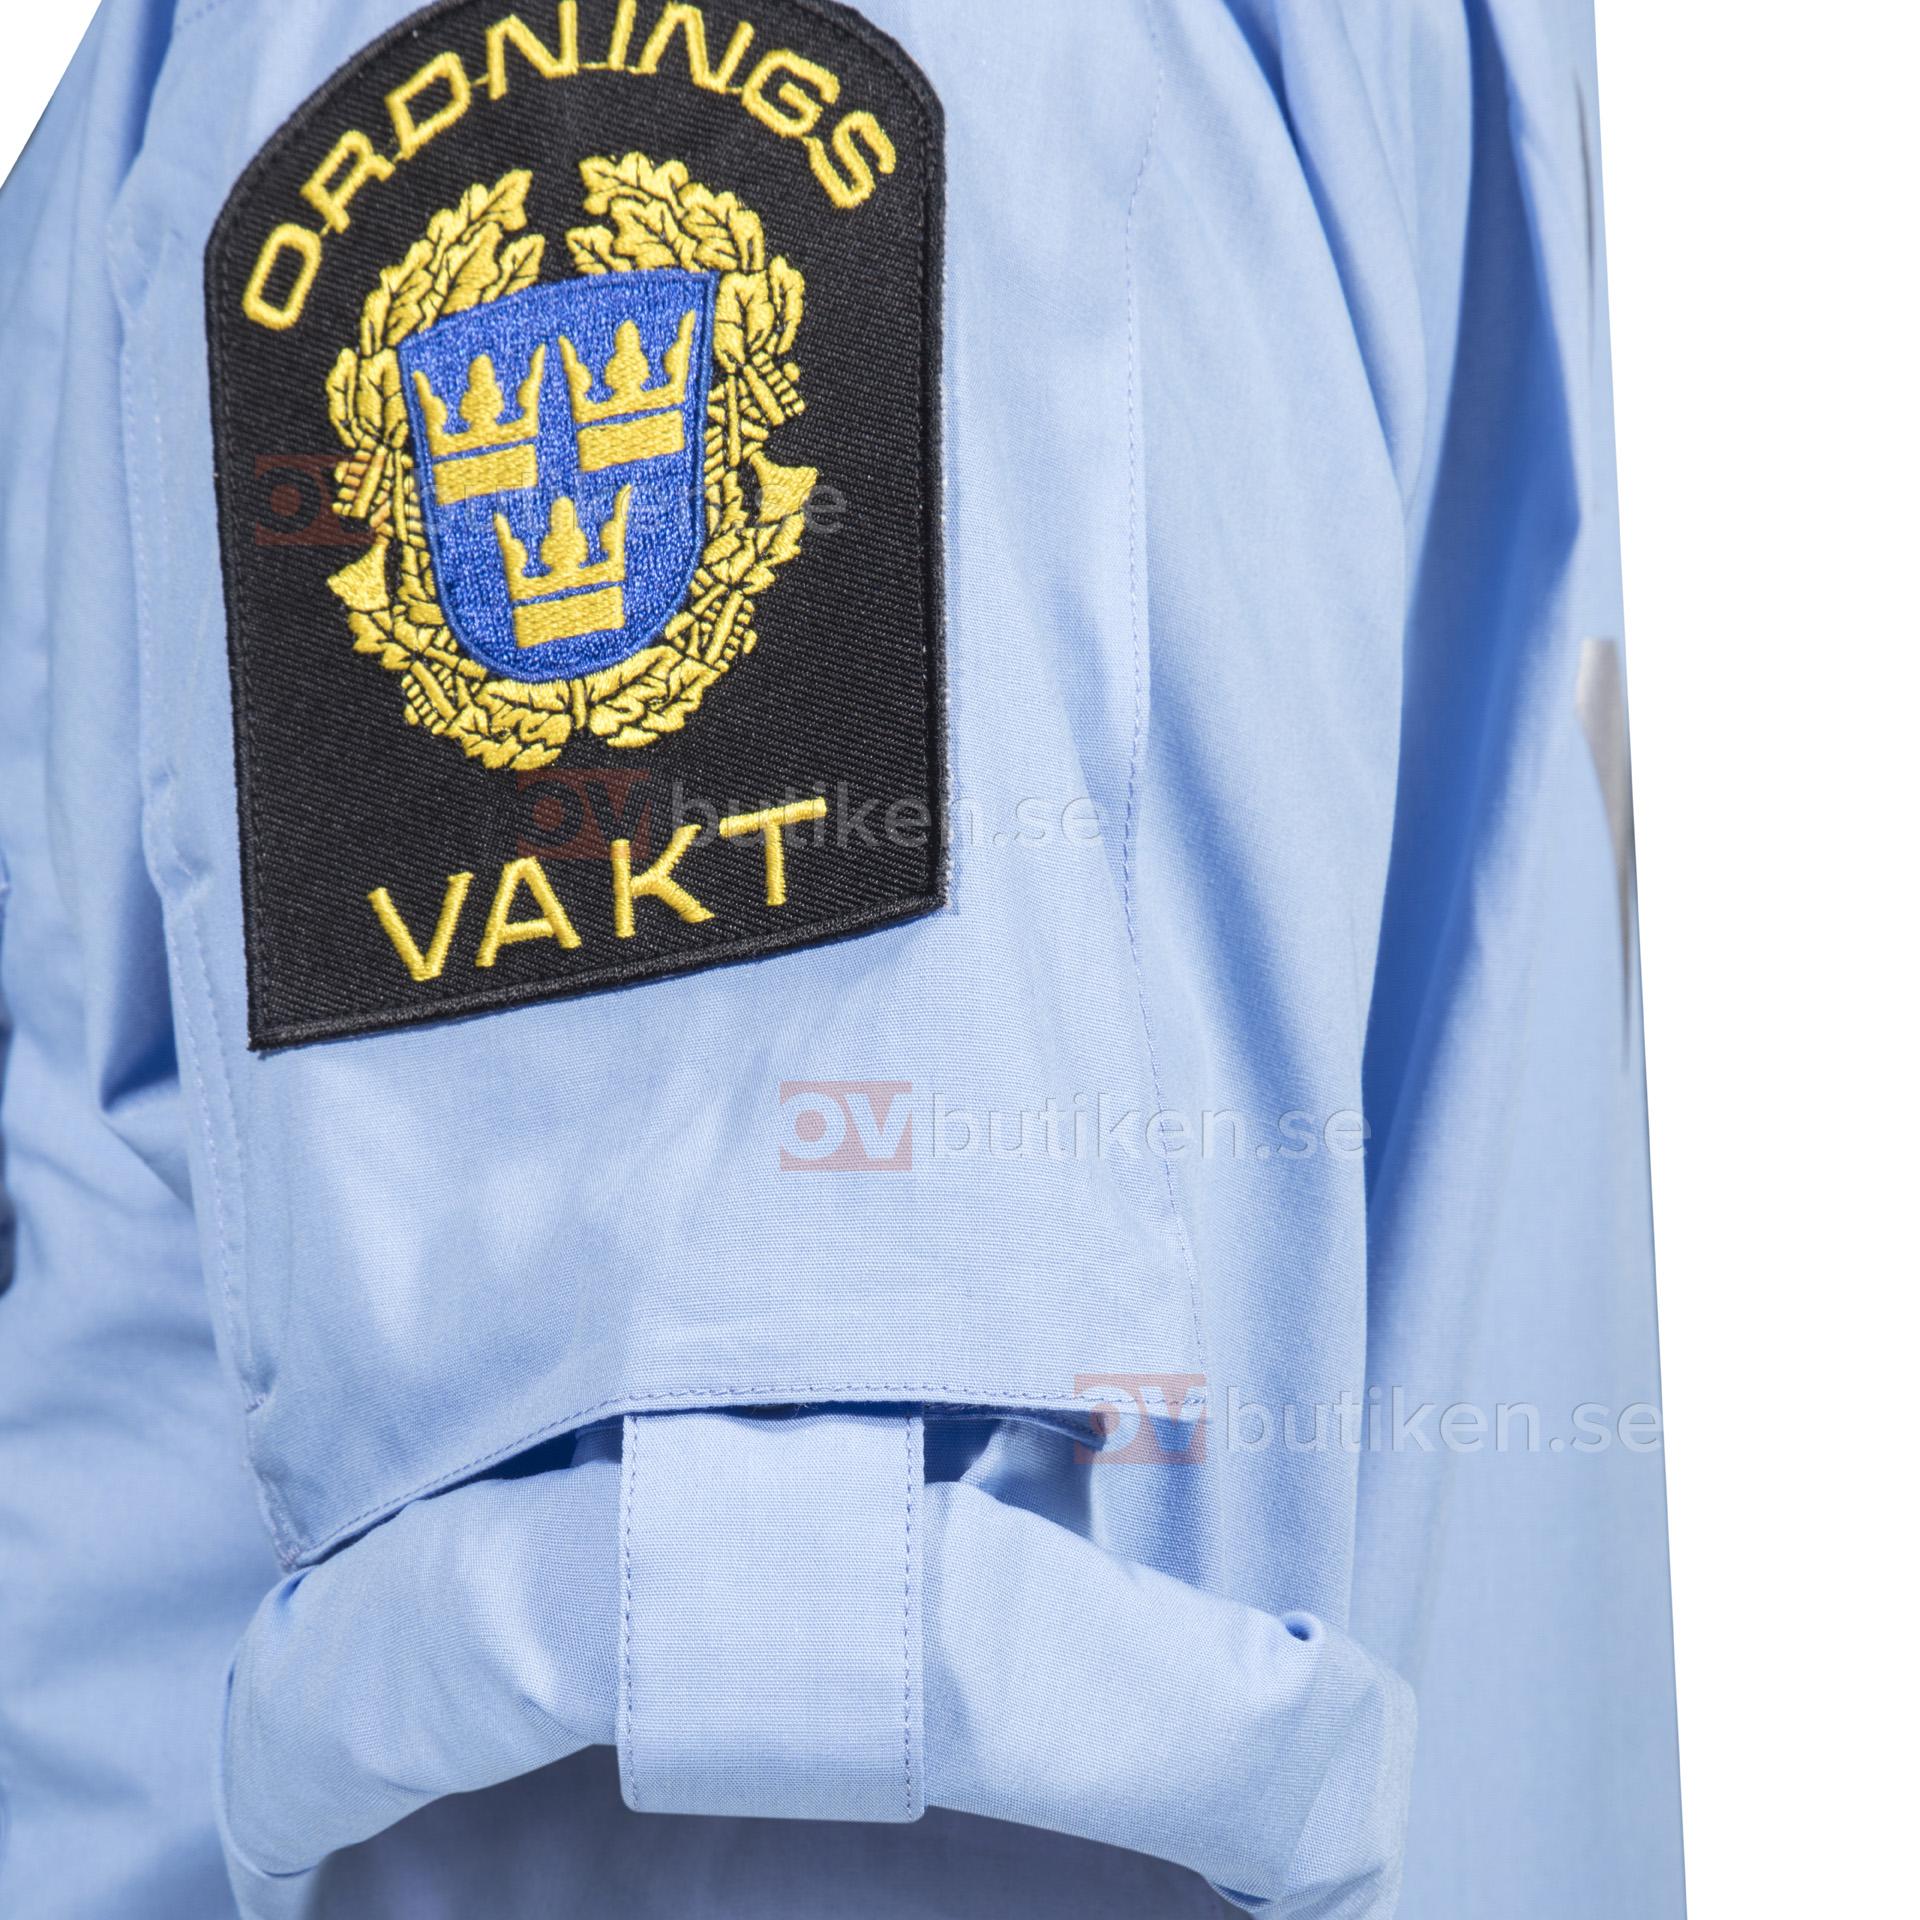 OVbutiken.se - OV Skjorta lång ärm modell CUSTER 3034231d64a73